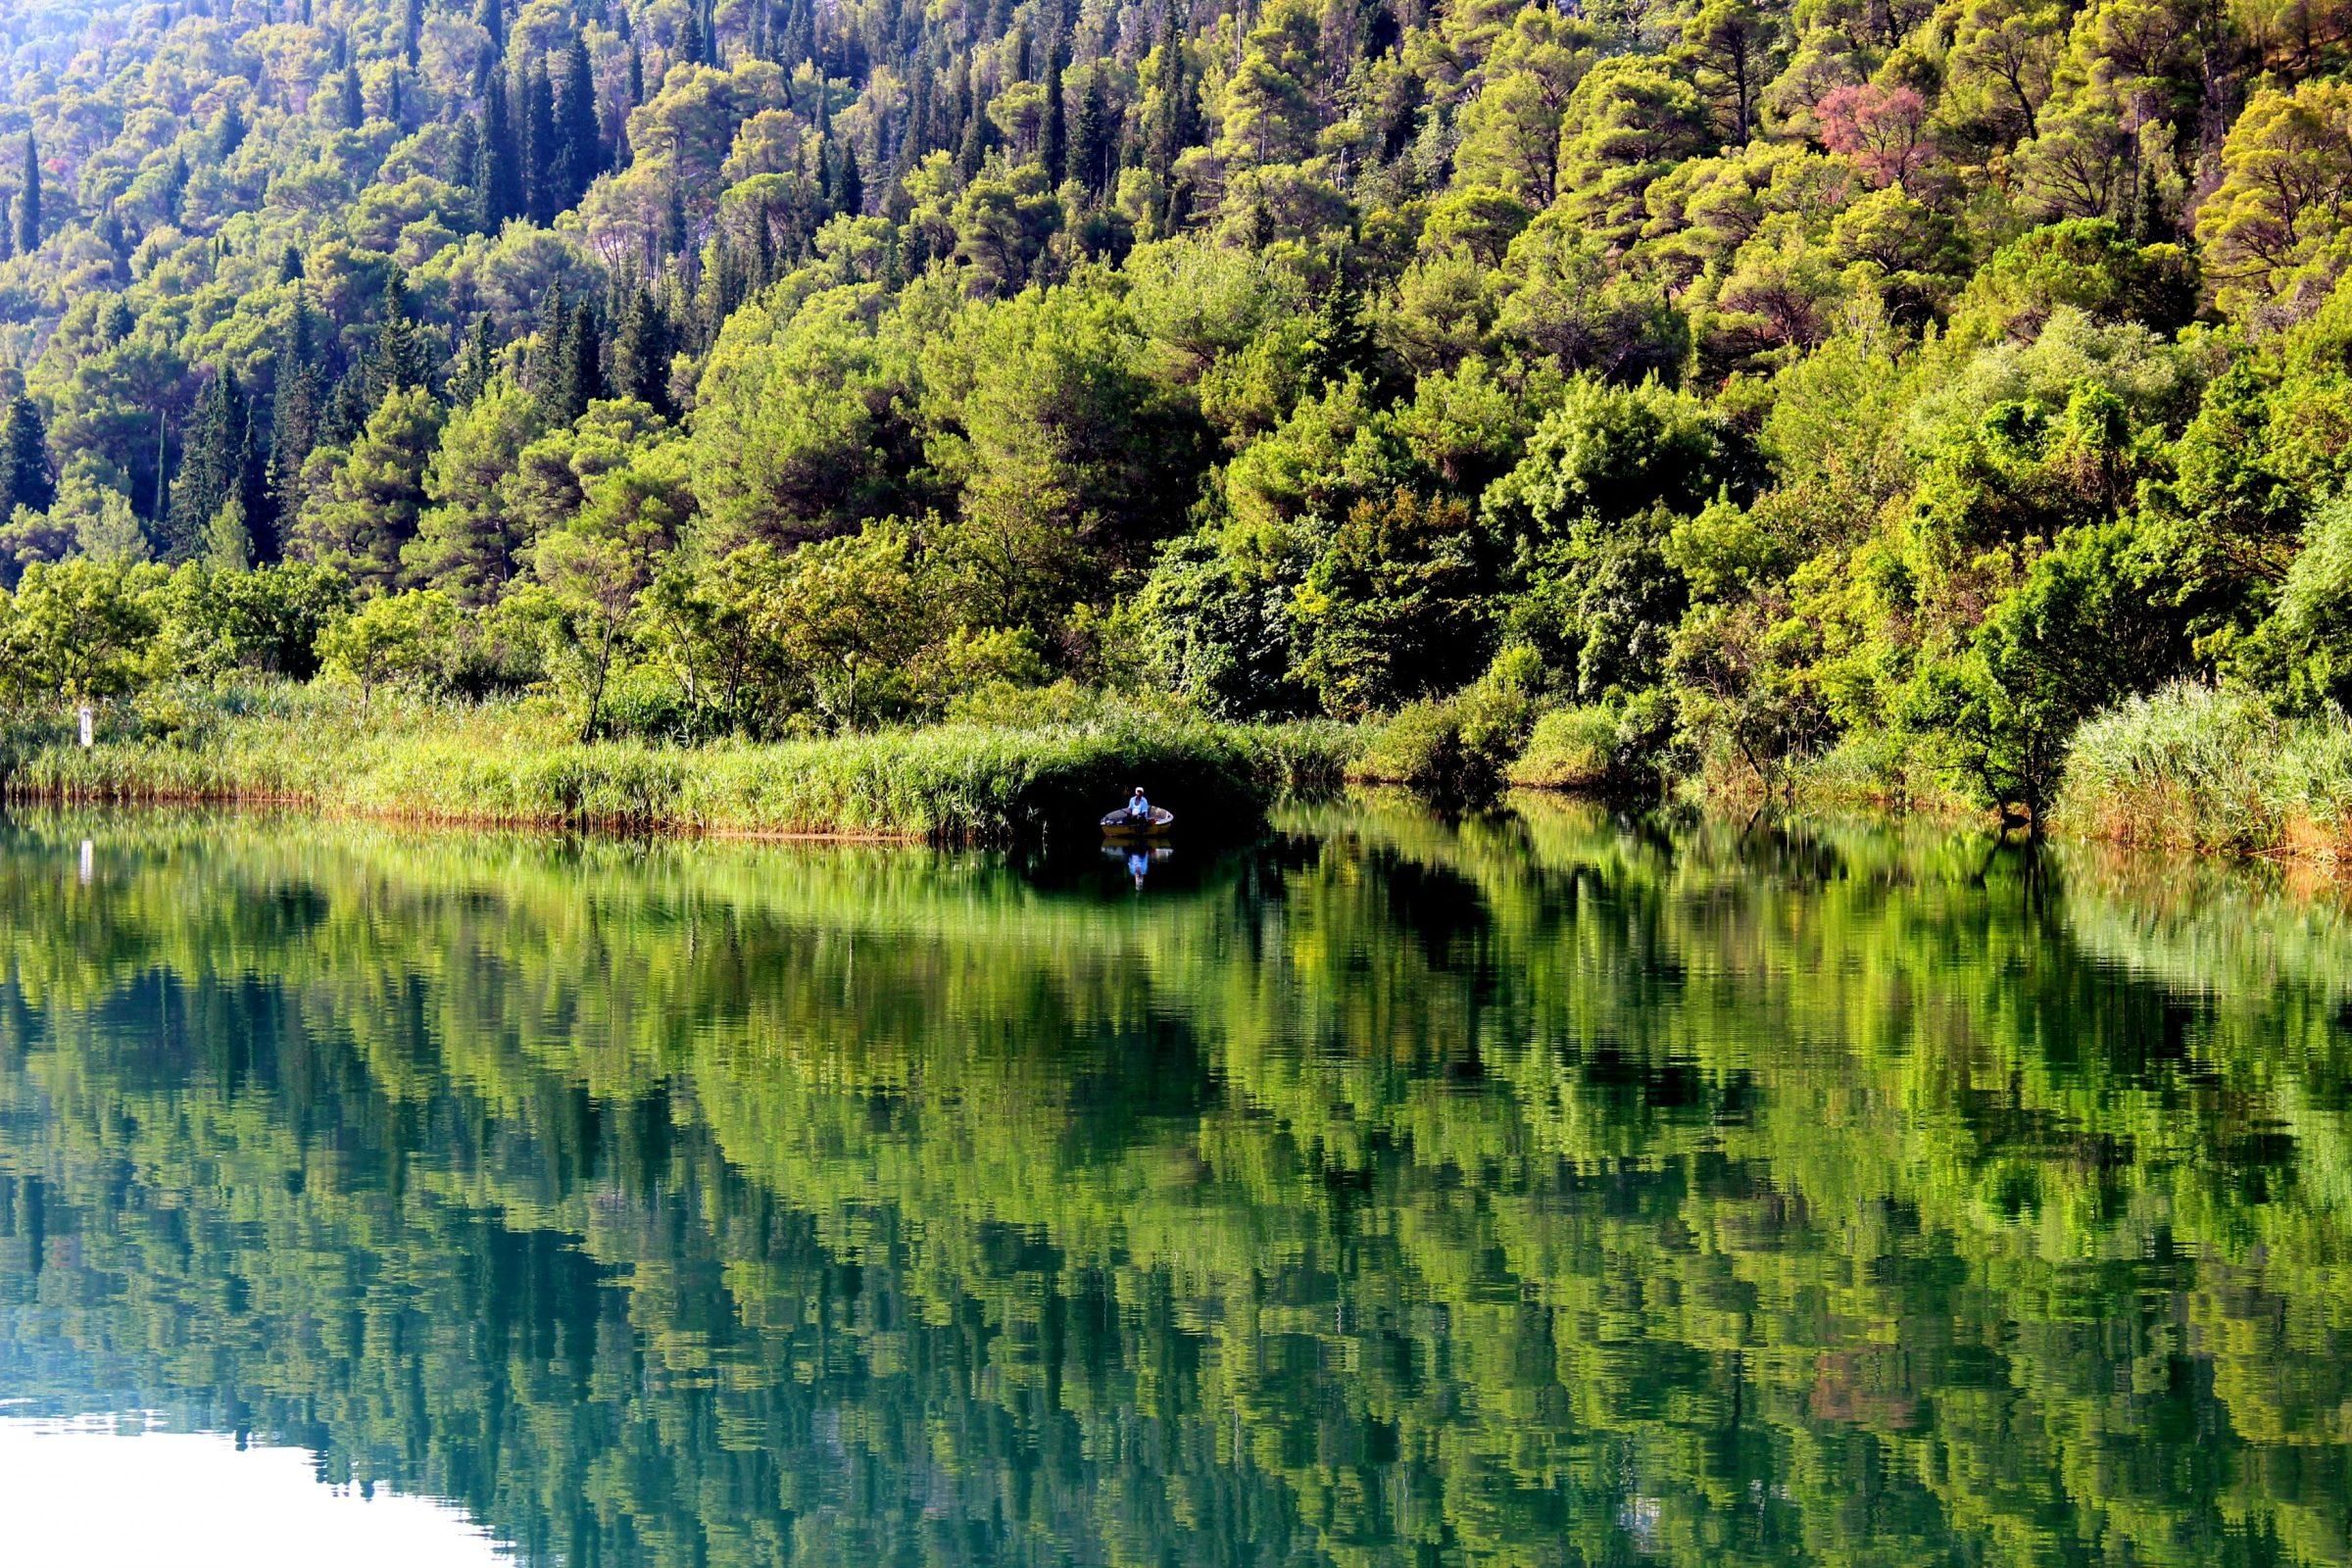 Zes uur 's morgens, een visser op het spiegelgladde water onderweg naar de Krka watervallen